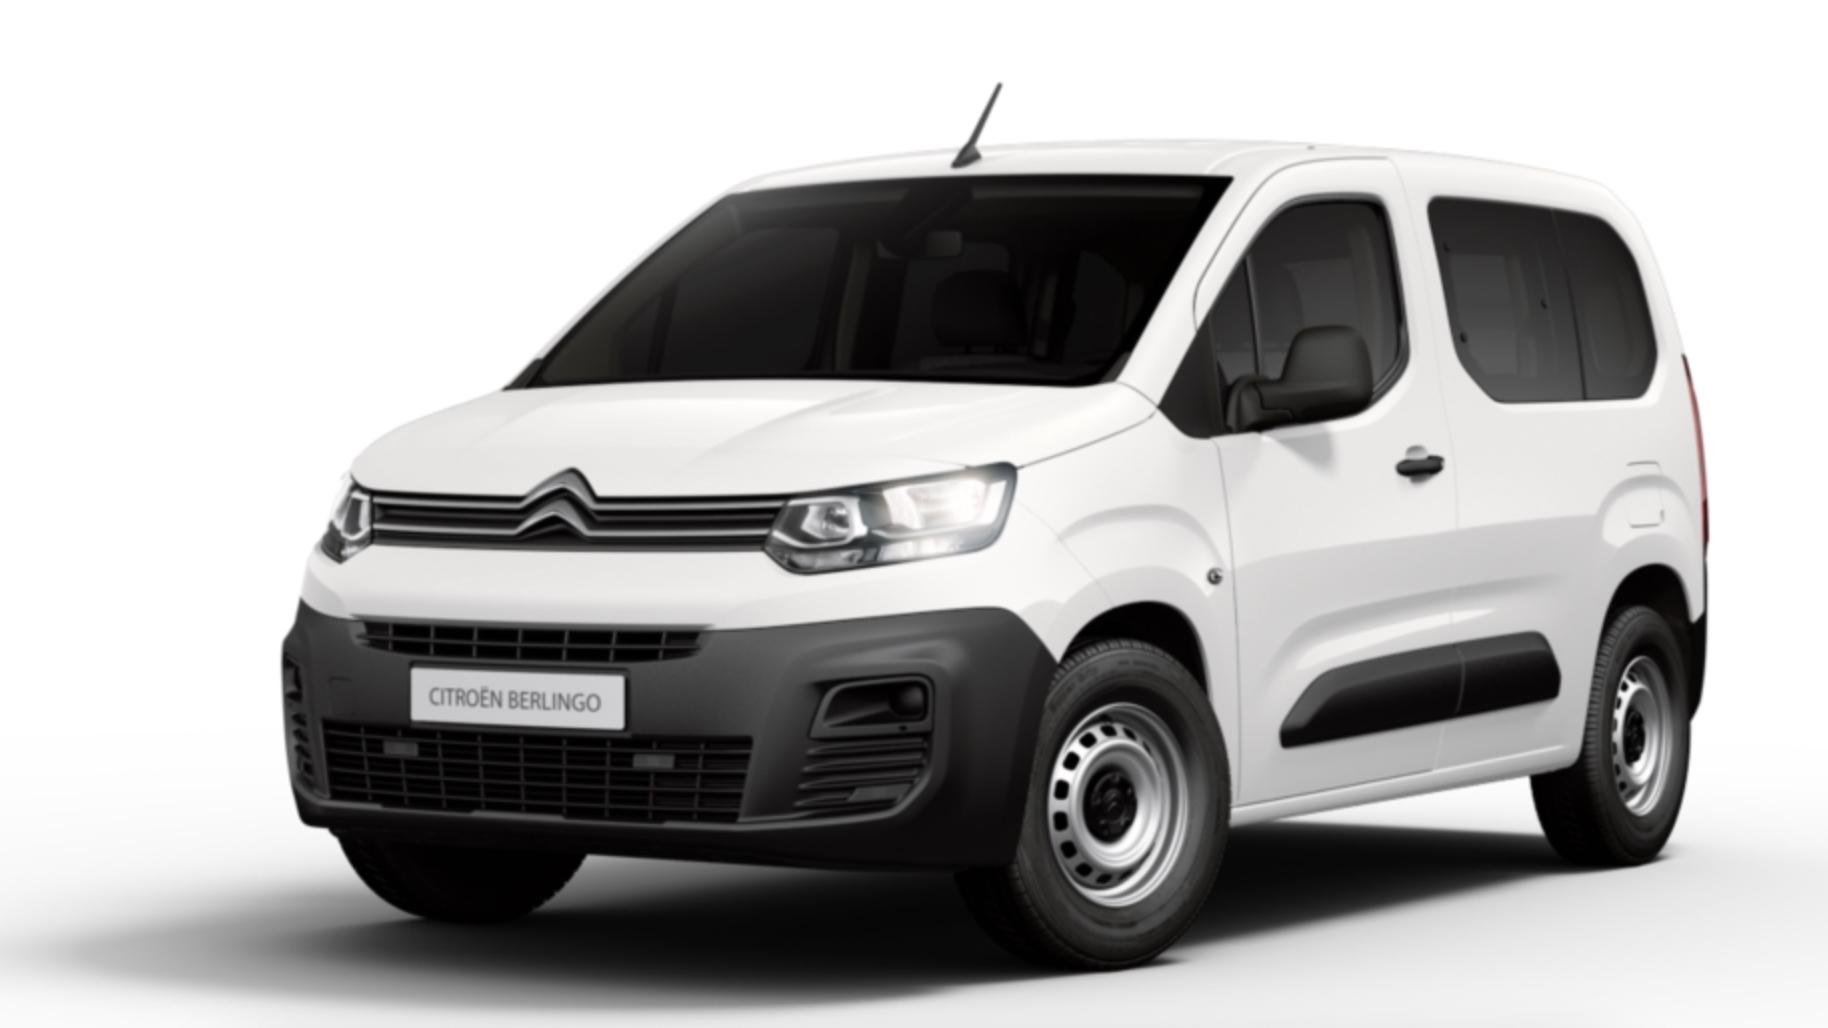 El Citroën Berlingo con motor diésel de 100 CV en oferta, por 145 euros al mes